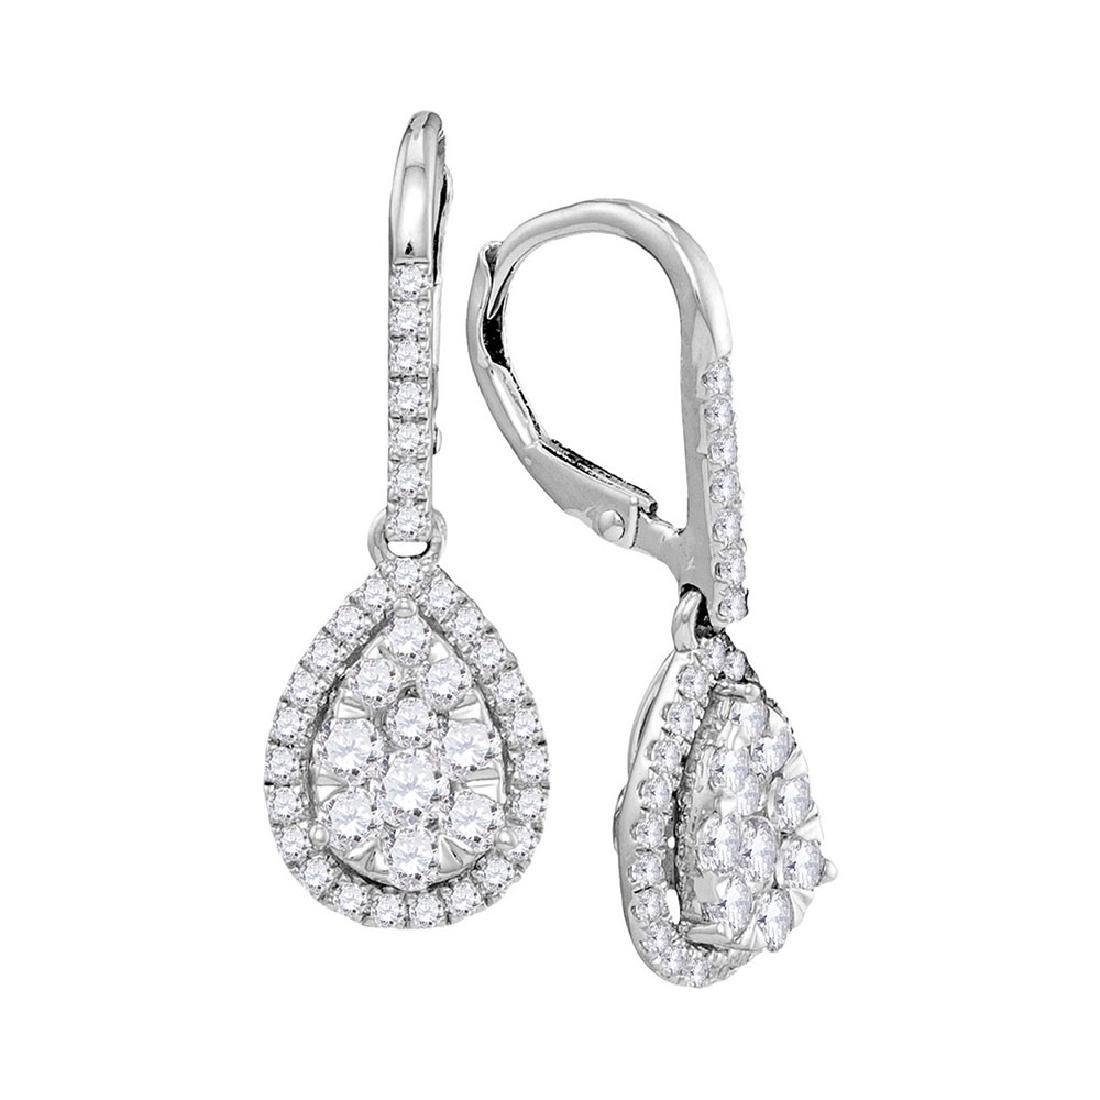 1.37 CTW Diamond Leverback Teardrop Dangle Earrings